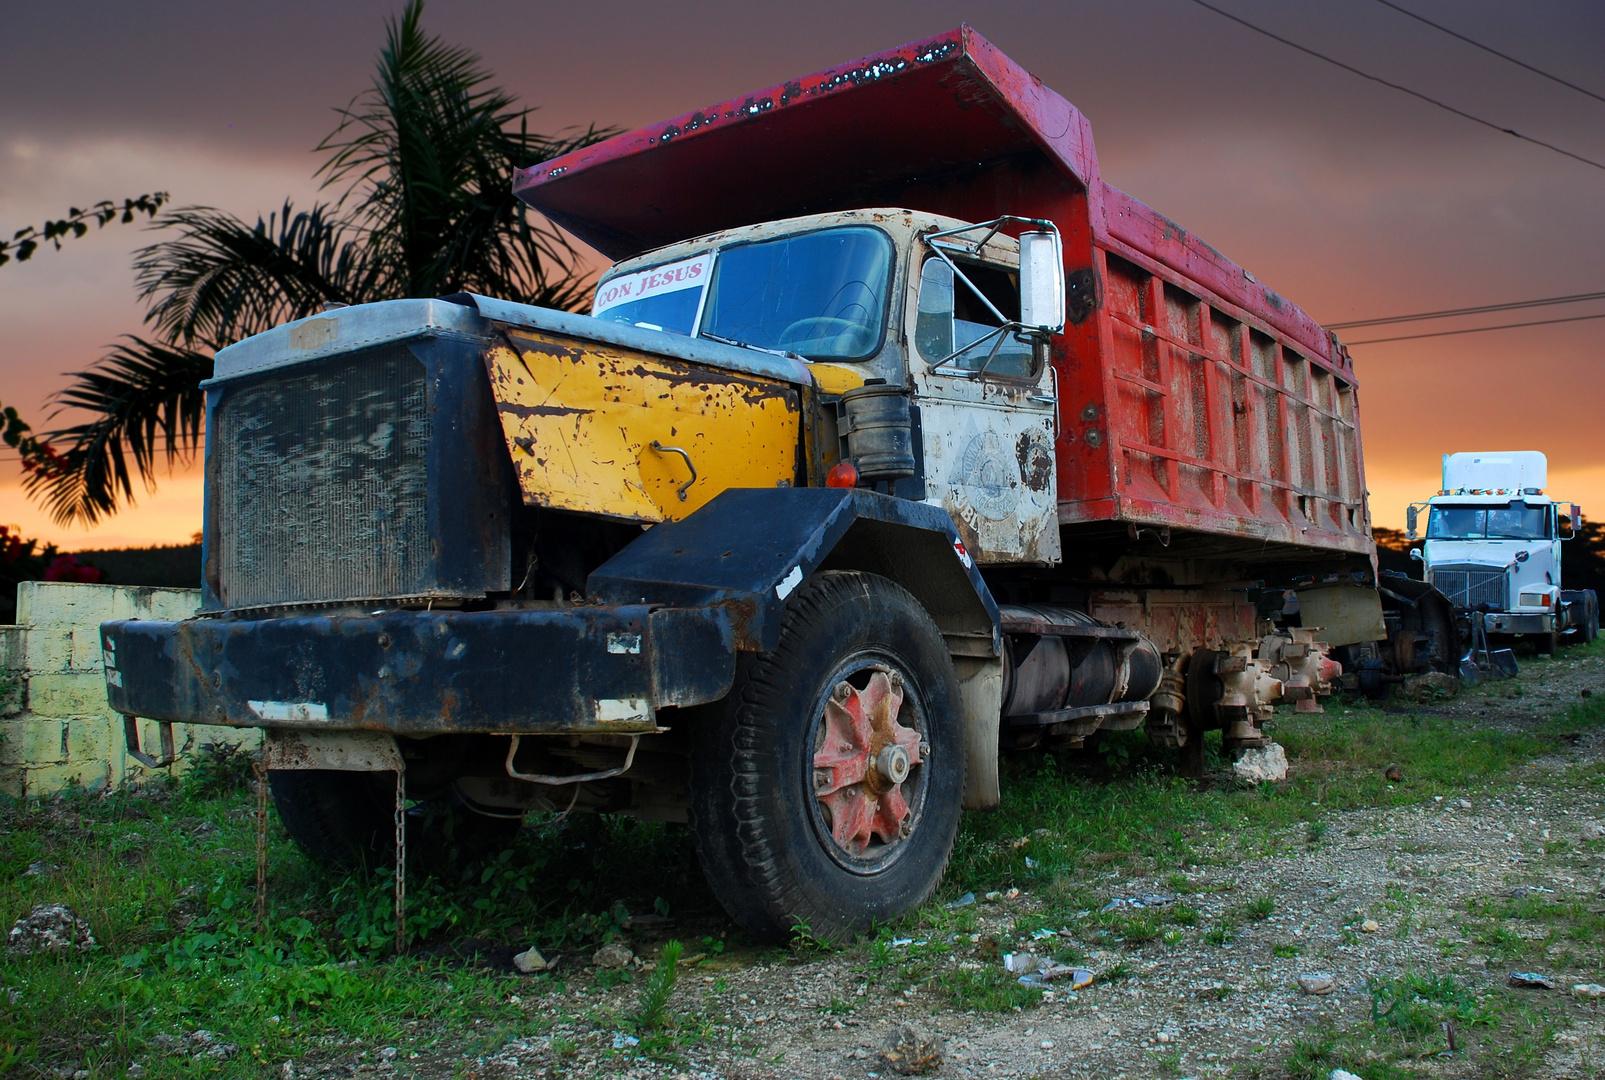 Auf dem Truckfriedhof